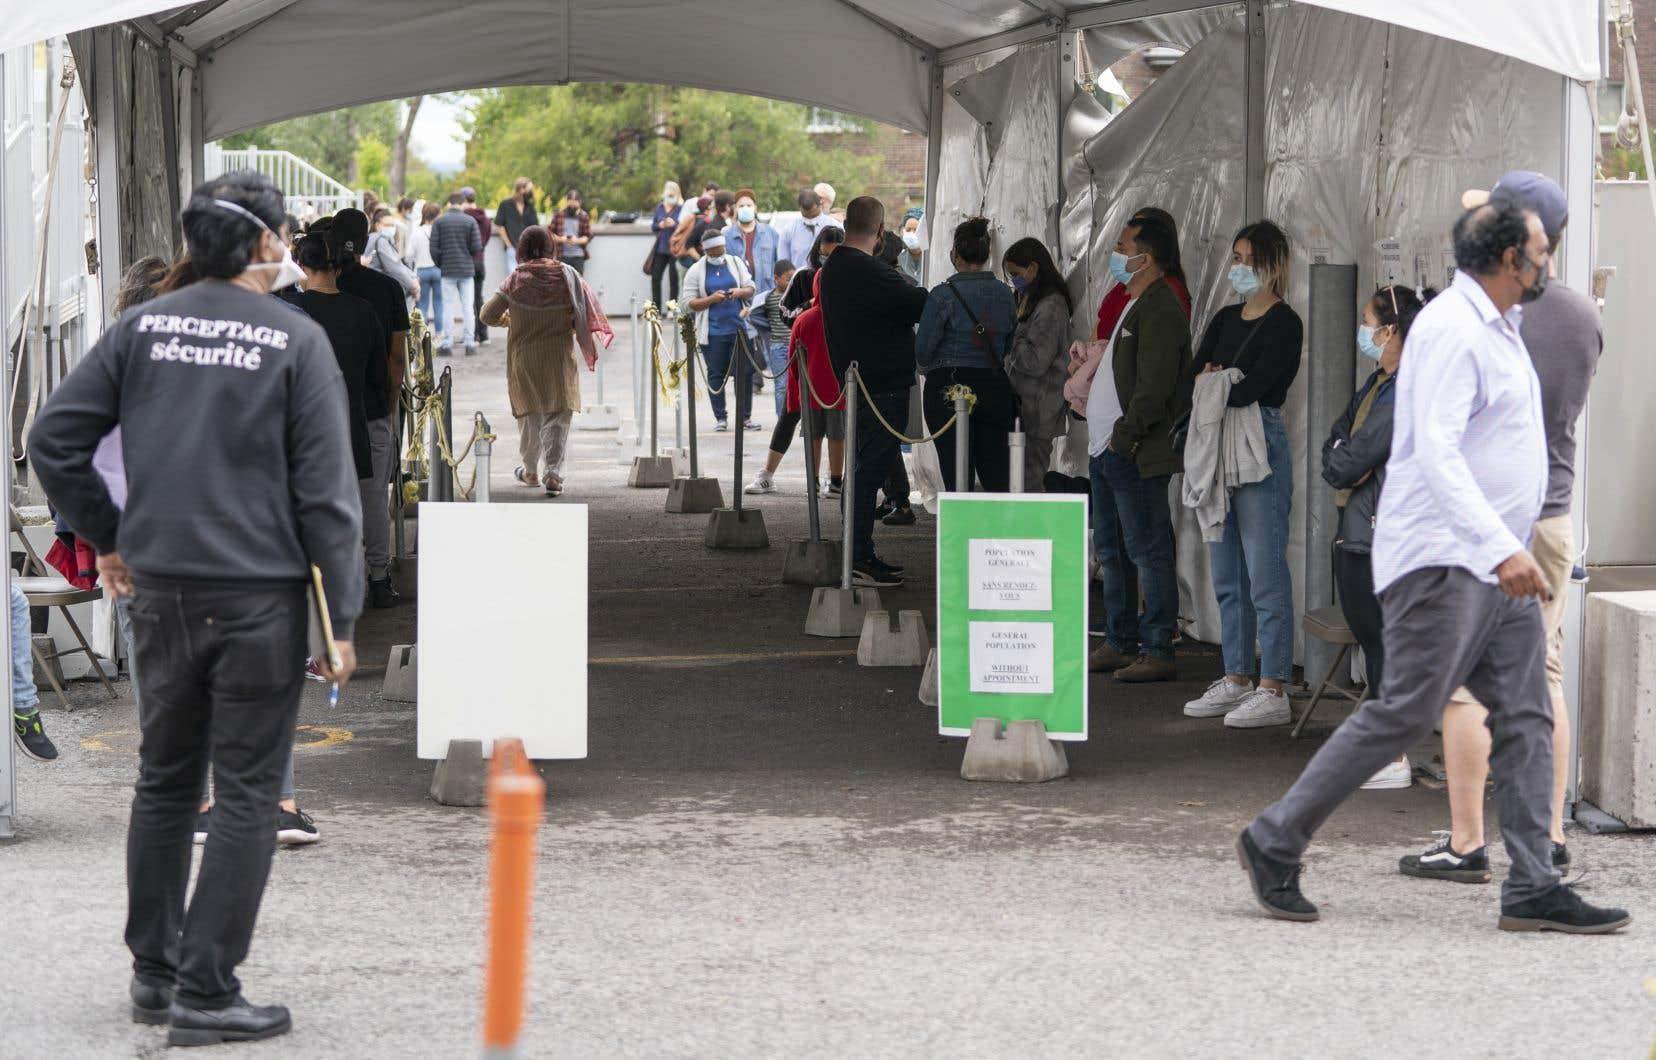 Des gens font la file à une clinique de dépistage de la COVID-19 à Montréal.